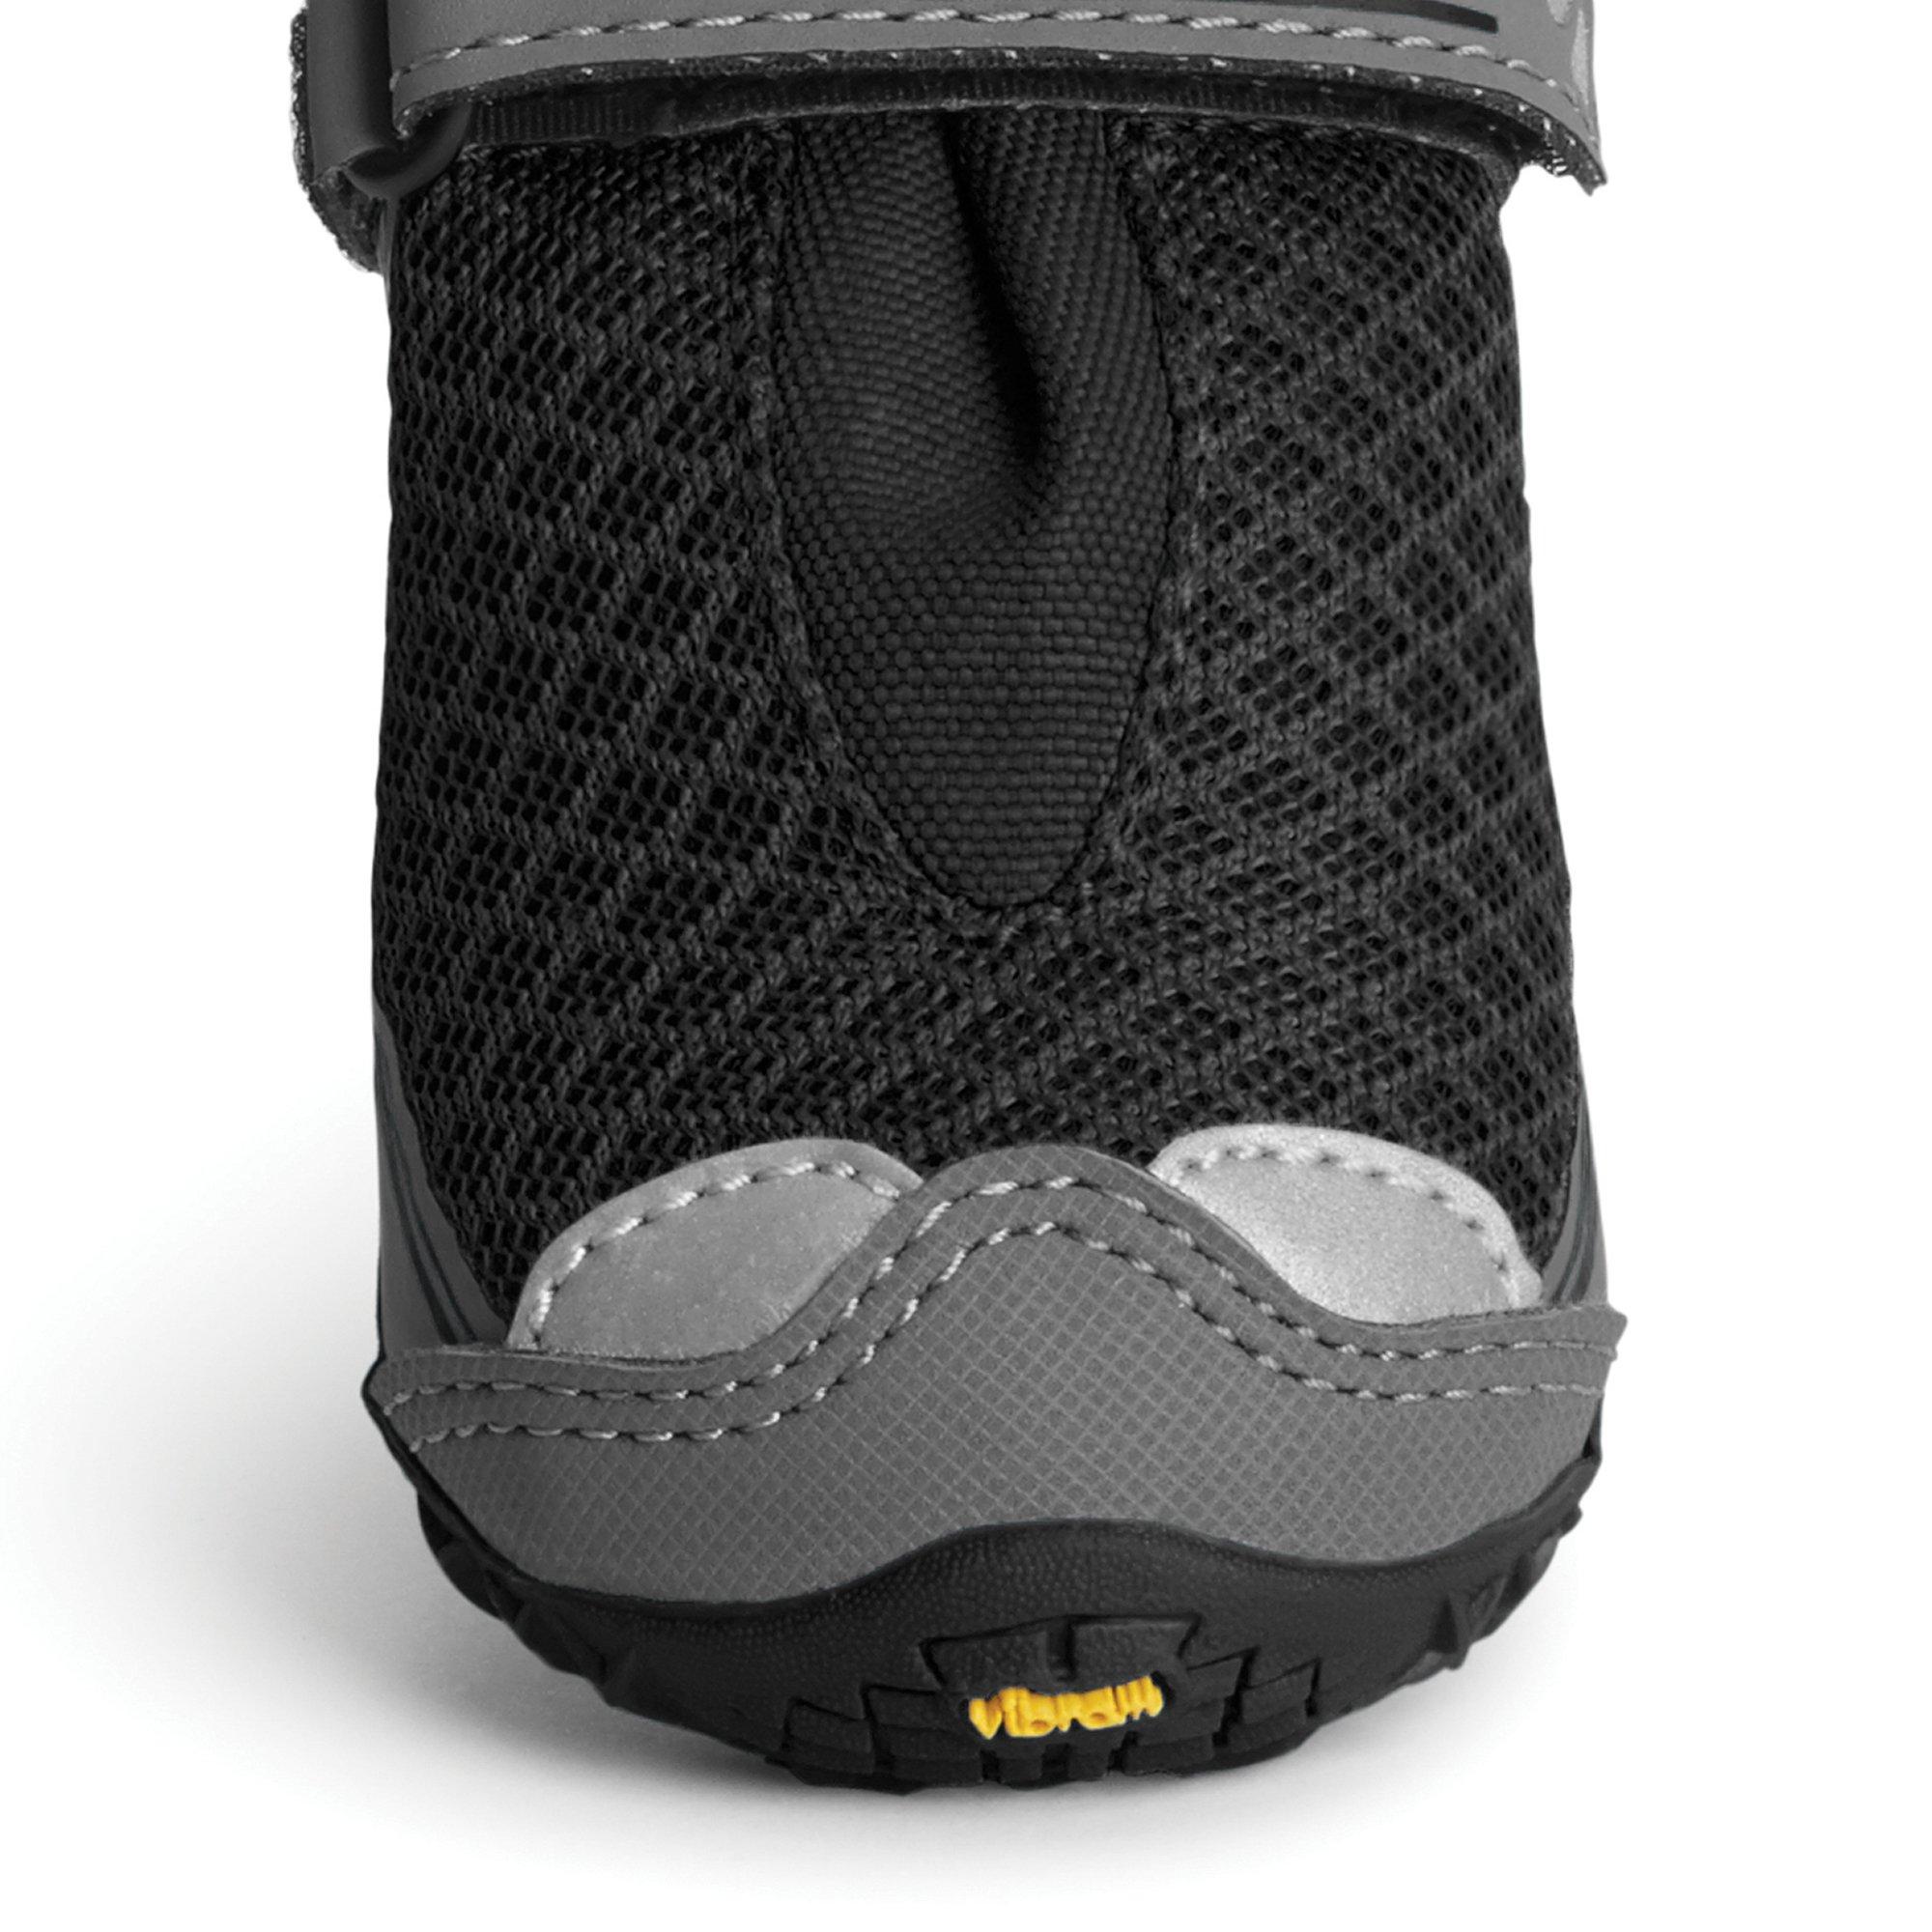 RUFFWEAR 15202-001300 - Grip Trex, All-Terrain Paw Wear for Dogs, Obsidian Black, 3.0 in (Set of 4) by RUFFWEAR (Image #1)